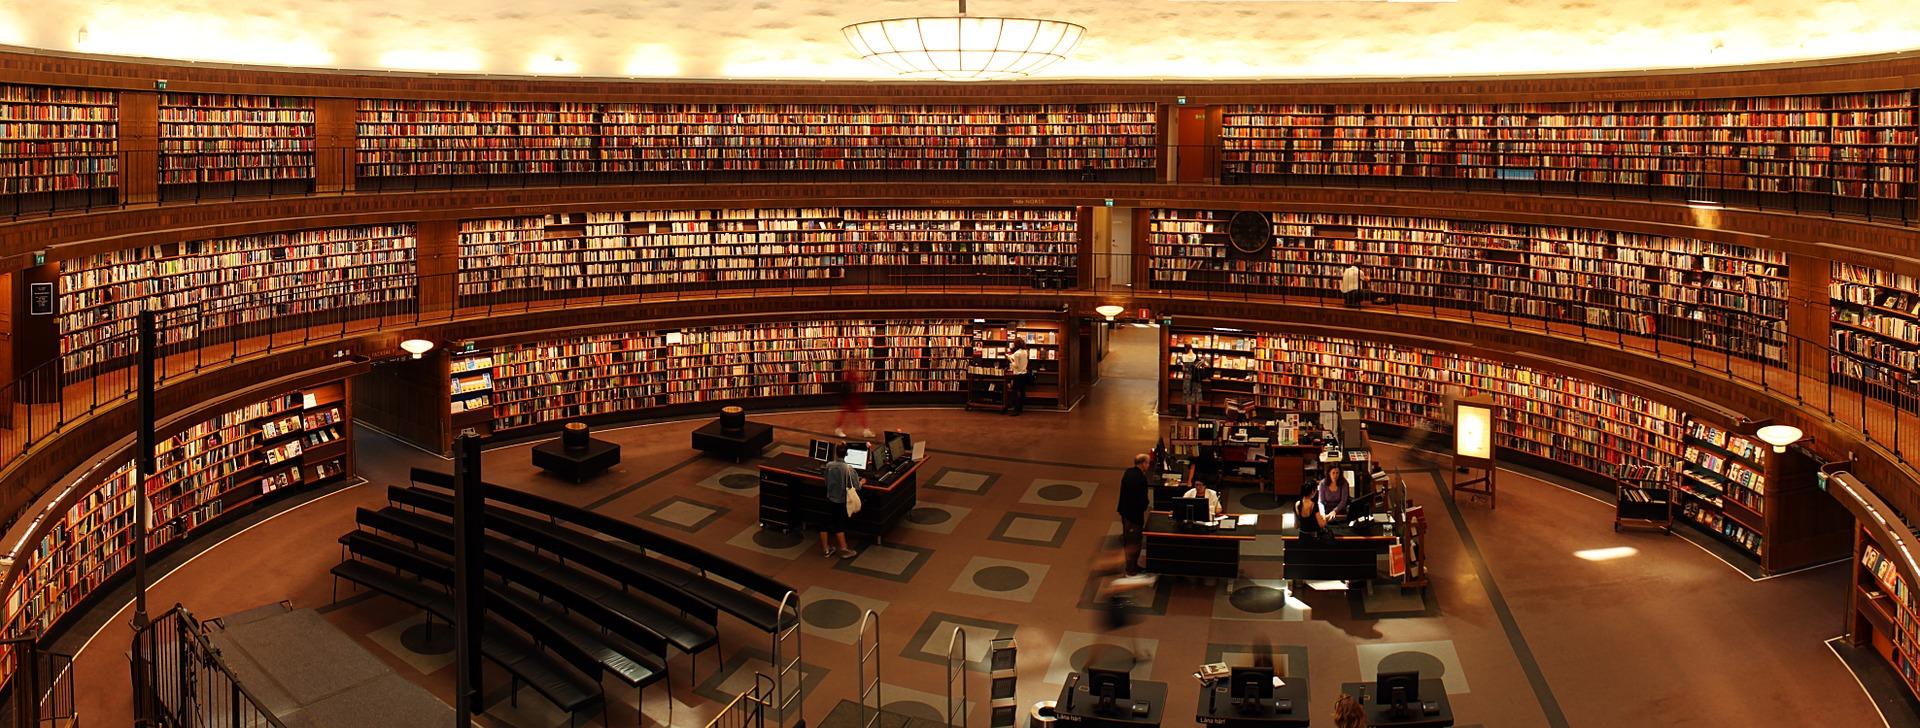 Kibo Kütüphane